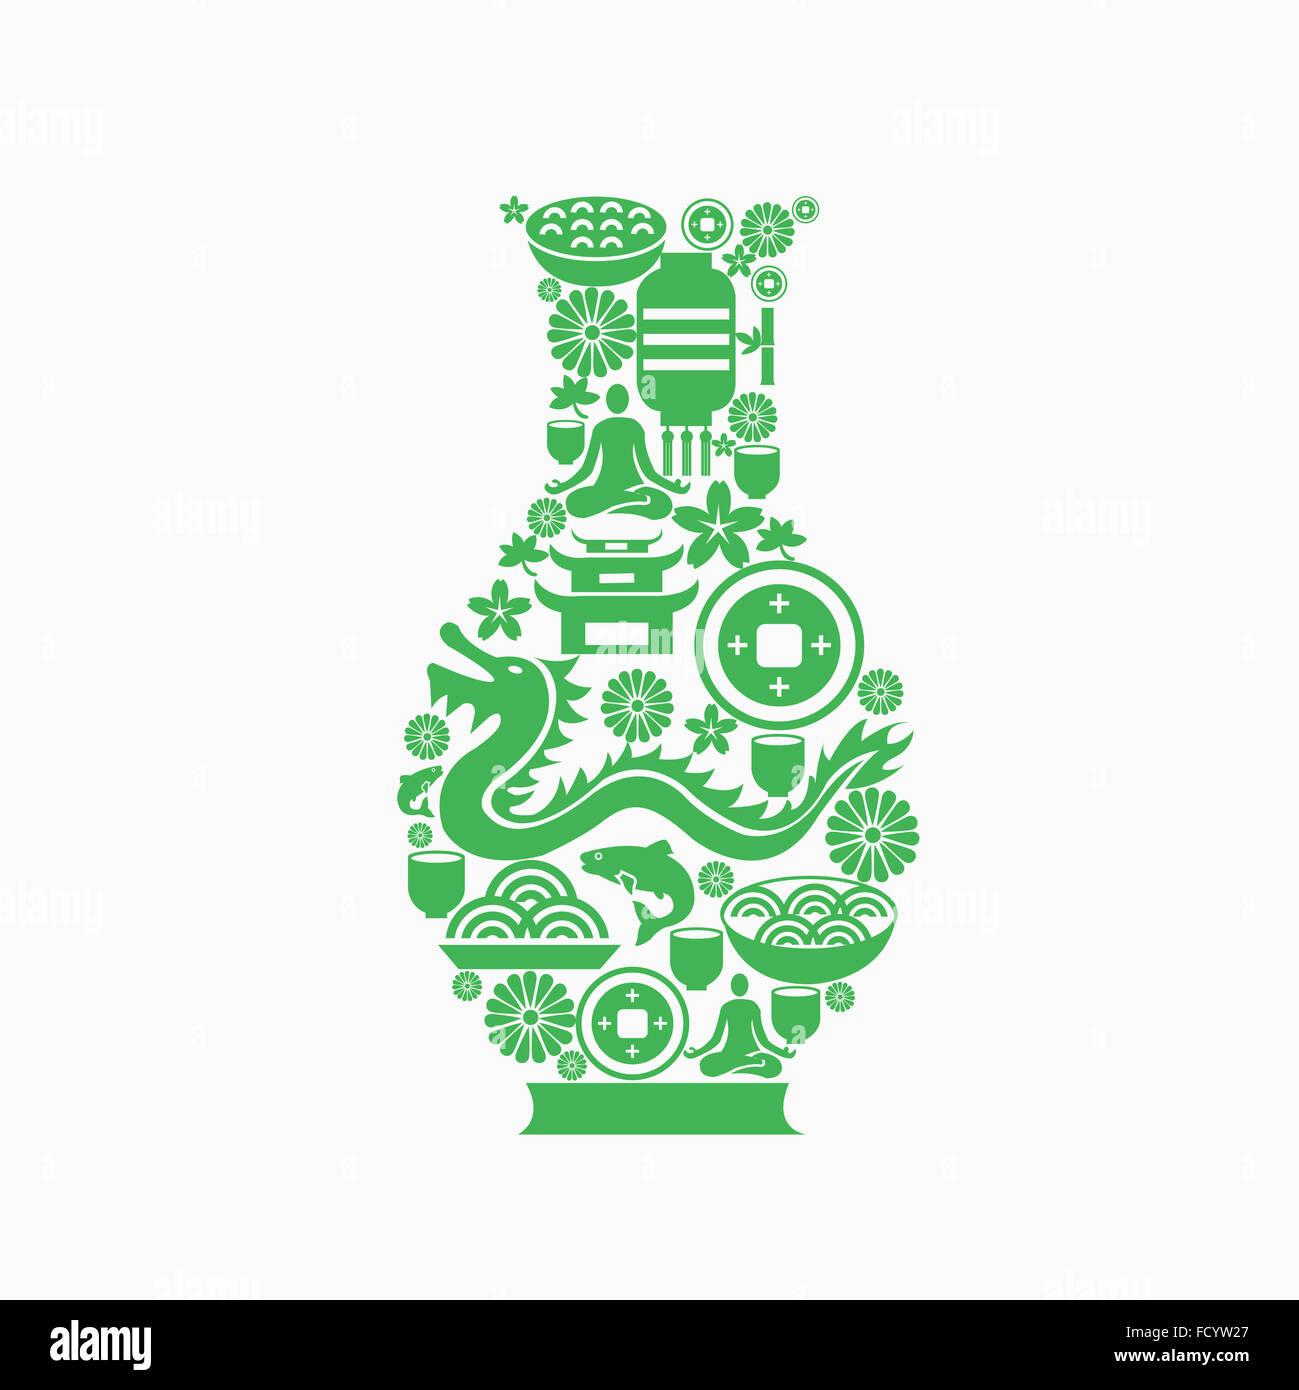 rongweiwang Calabaza en Forma de Calabaza en Forma de tap/ón de Rosca Botella Tarro Llave Abridor multifunci/ón Herramientas abrelatas abrelatas Tornillo de Cocina